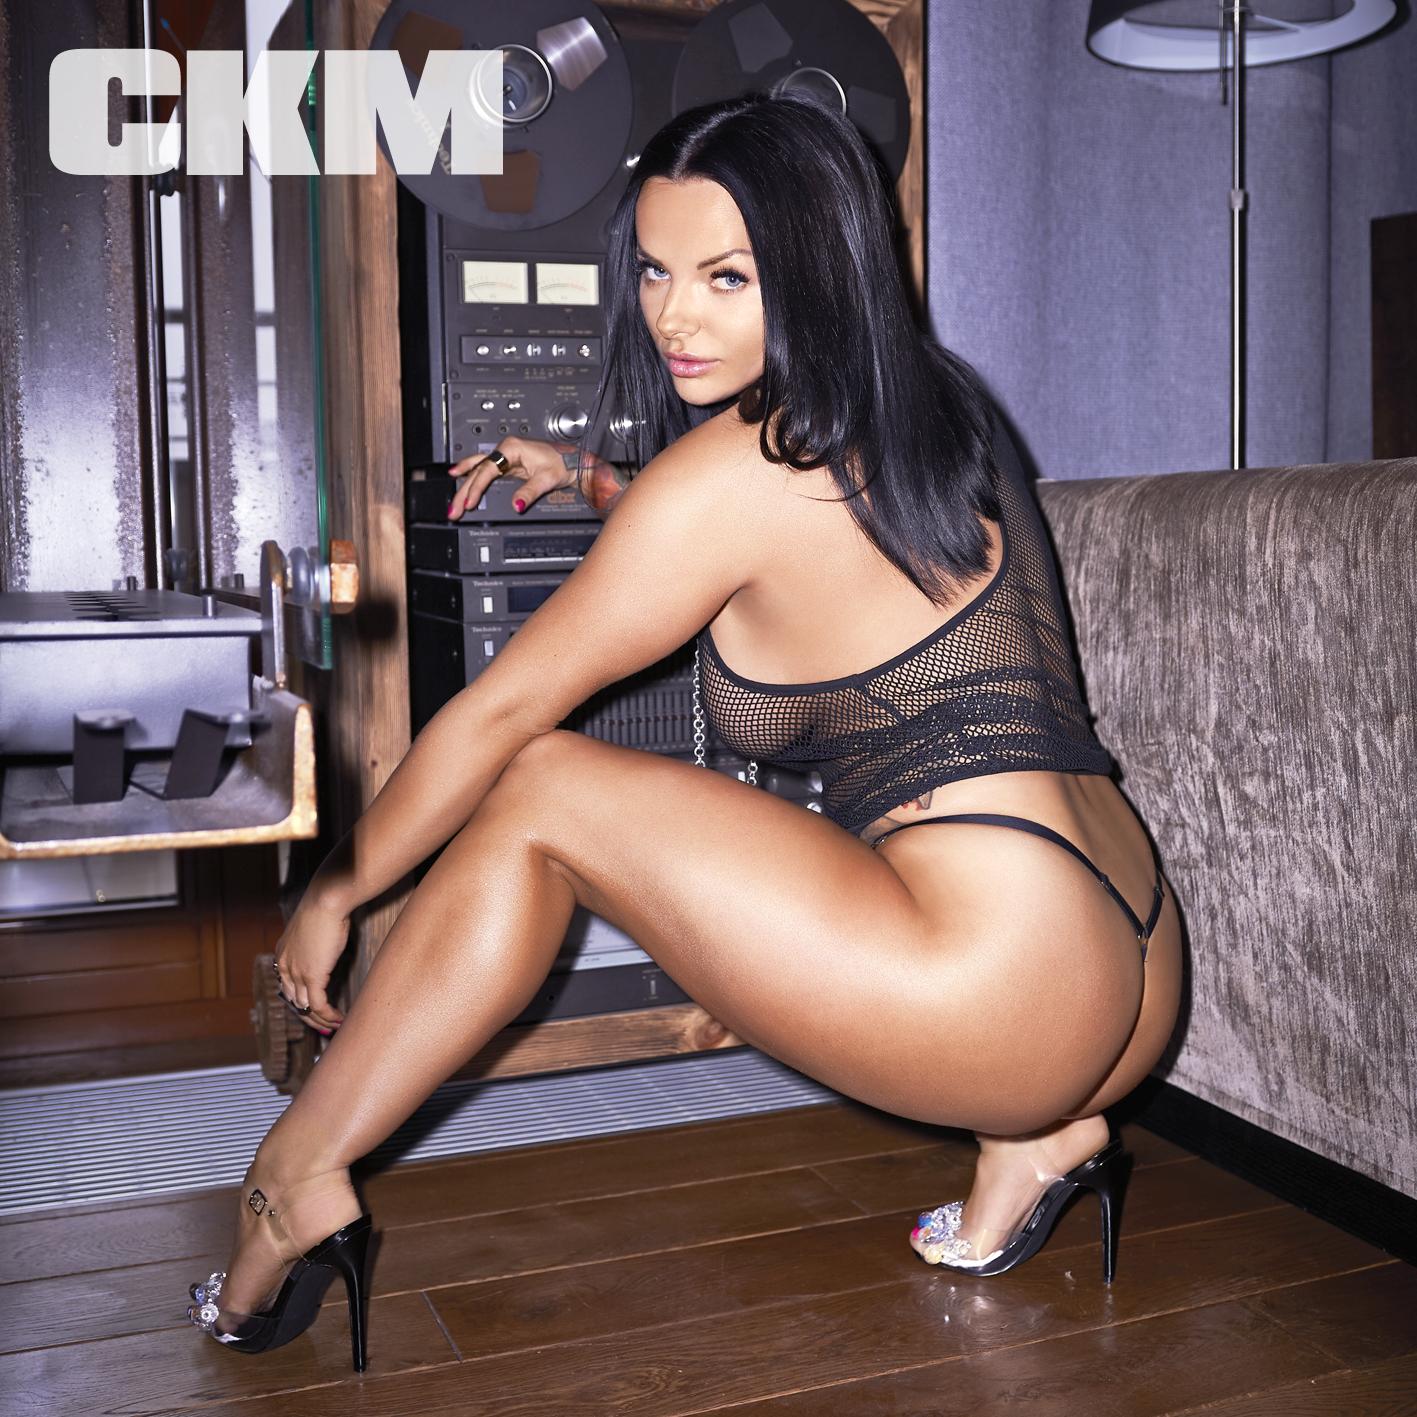 CKM_05_Kamila_Wybranczyk_2.jpg